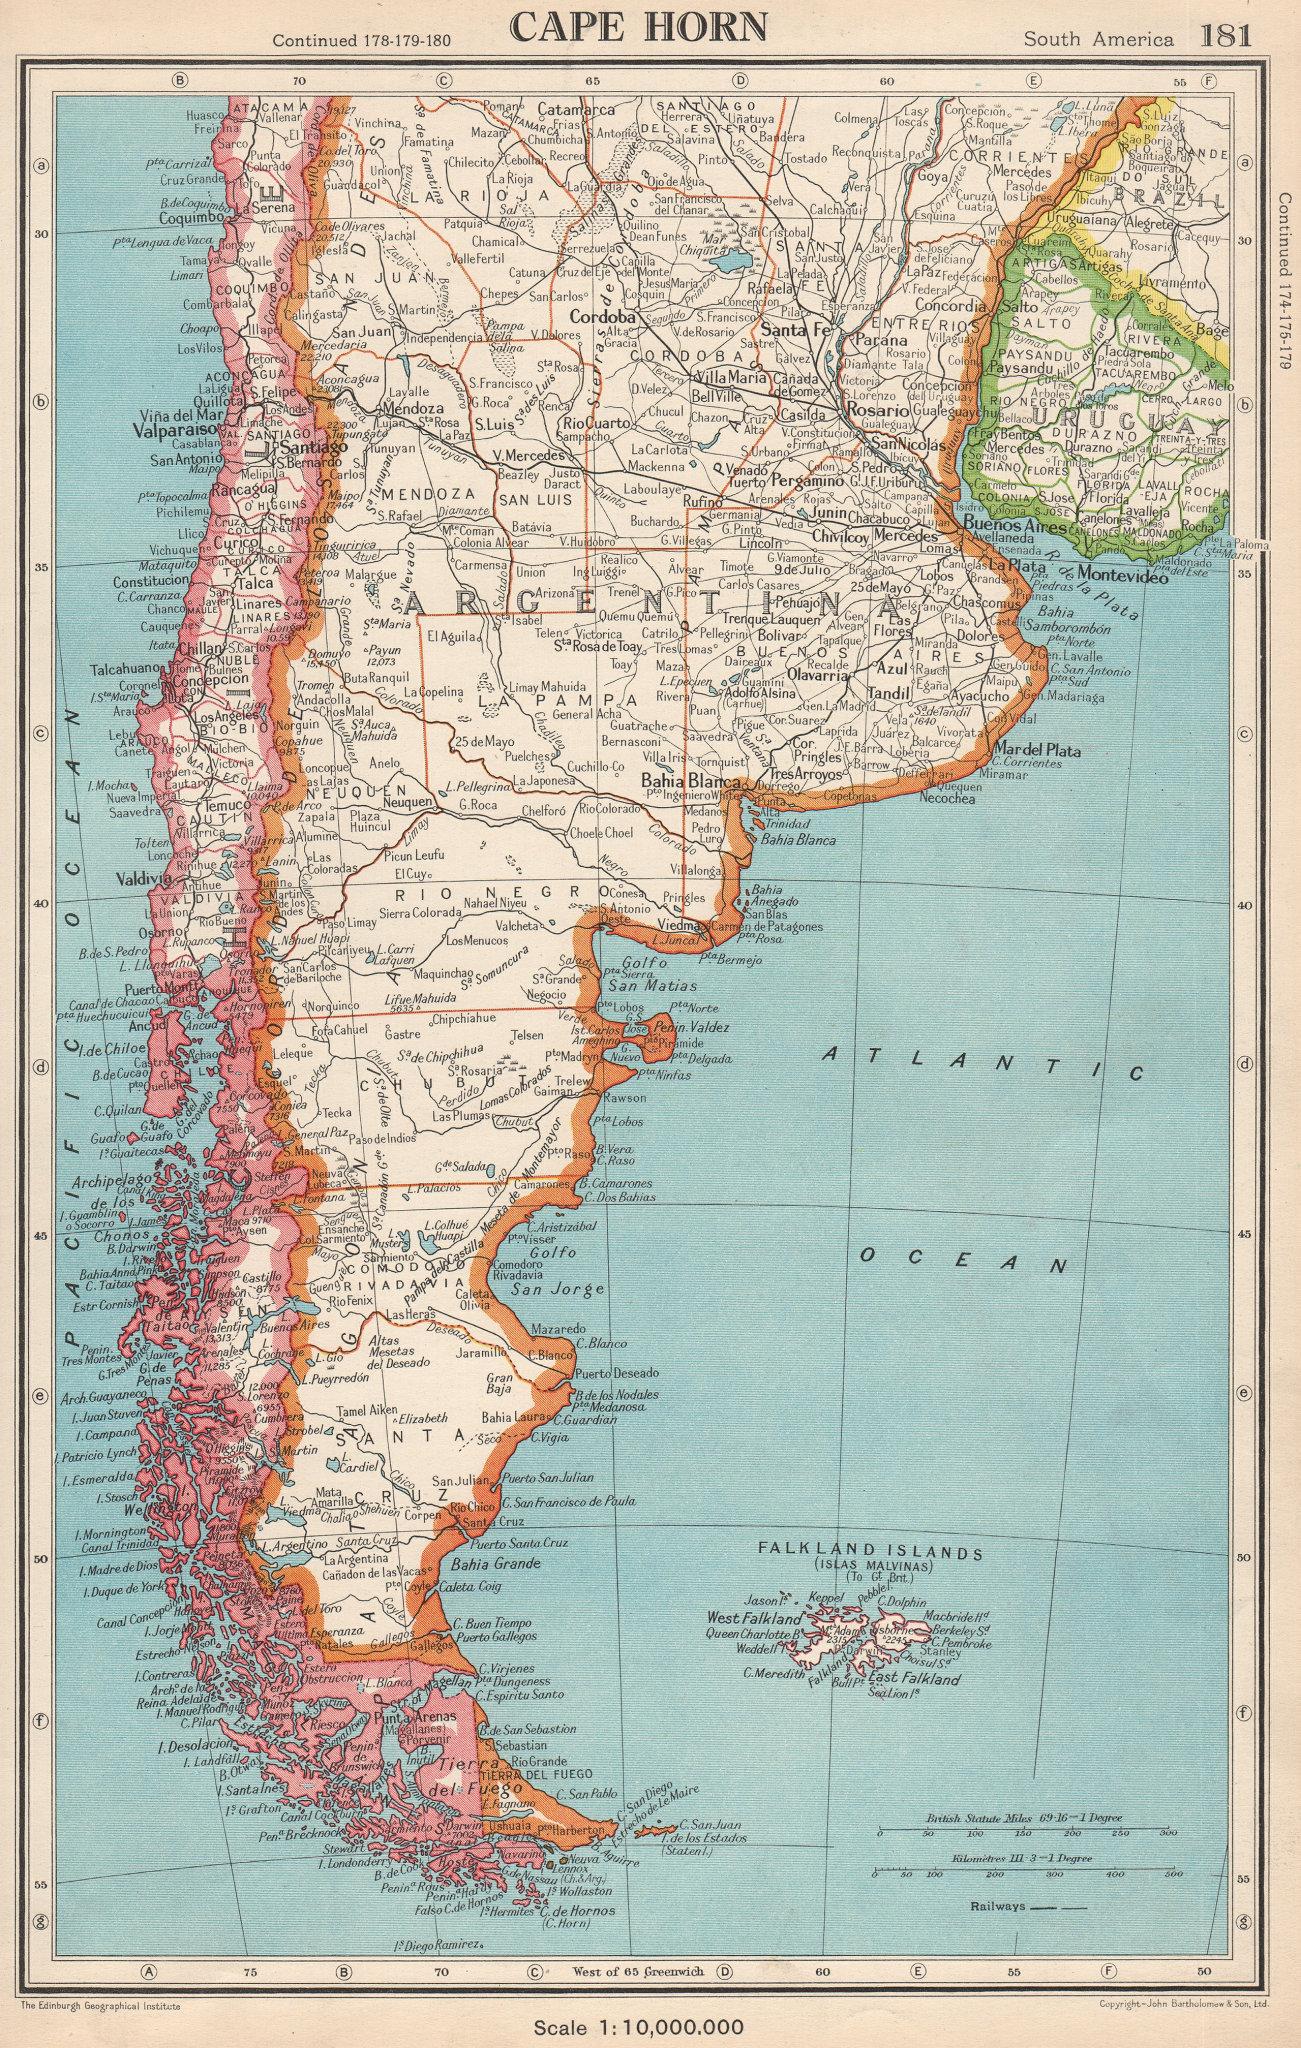 CAPE HORN. Patagonia Argentina Chile Falkland Islands. BARTHOLOMEW 1952 map